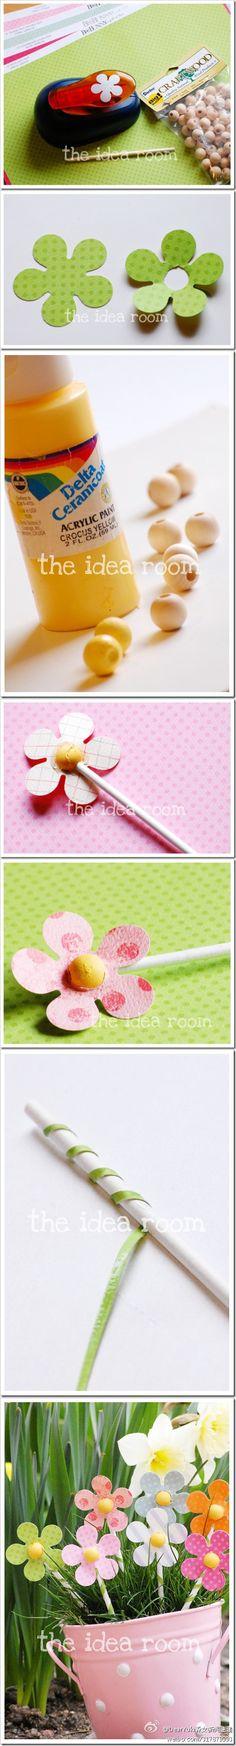 艳的花朵,...来自小矮人手工杂货的图片分享-堆糖